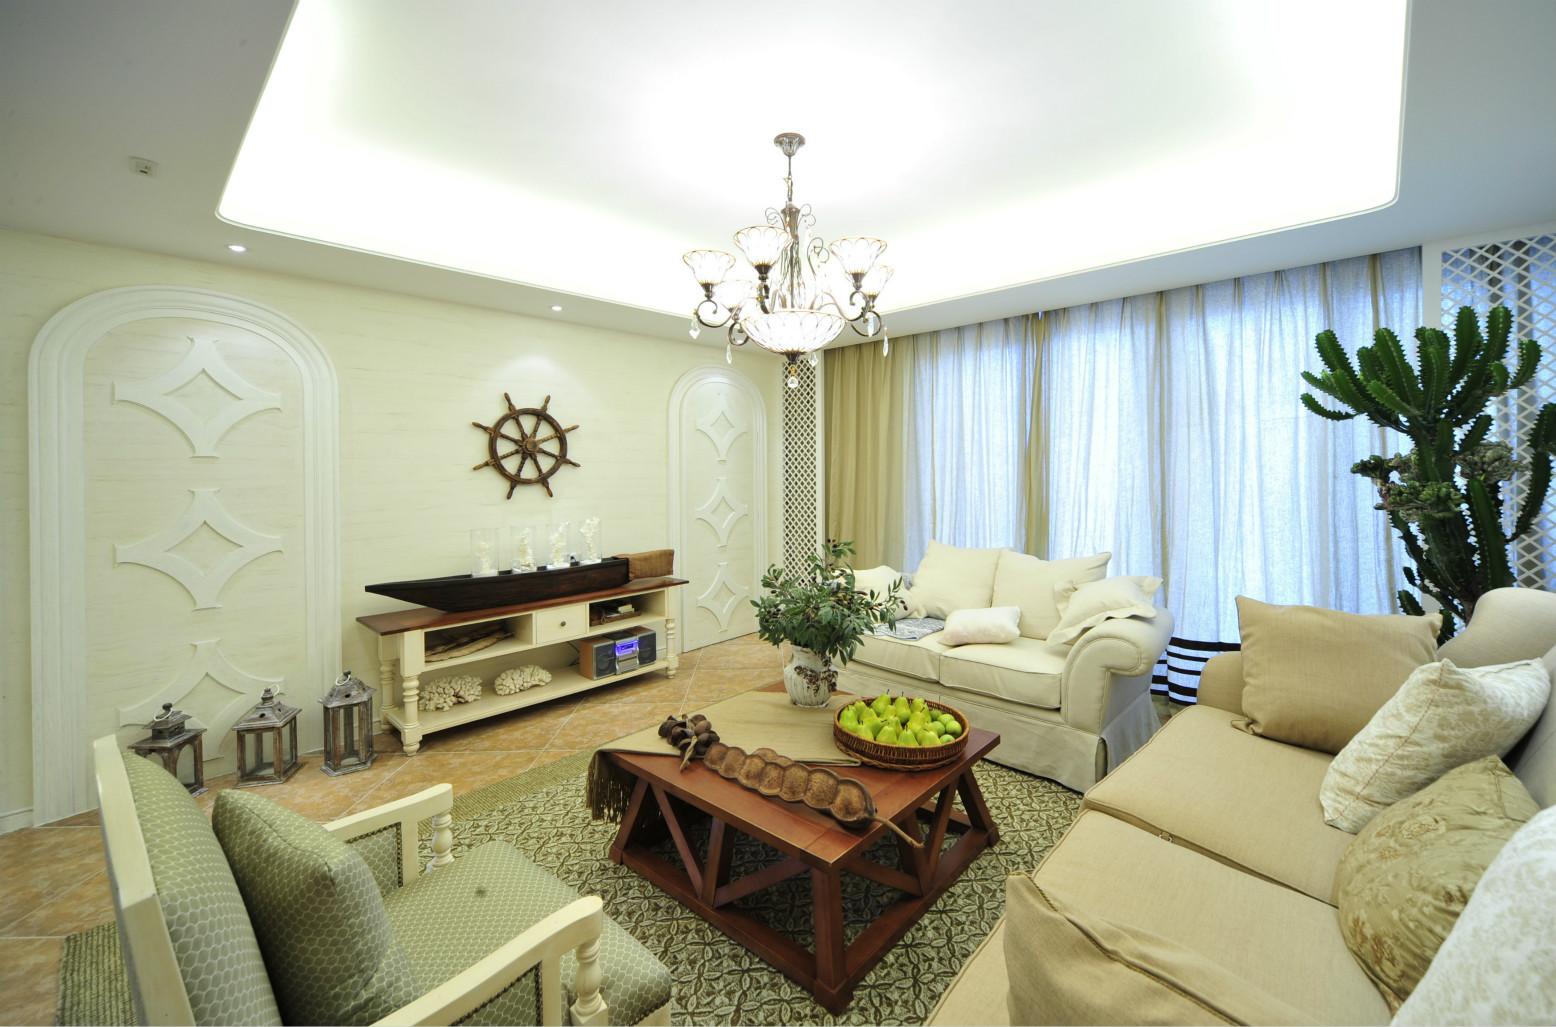 客厅中的地面以咖色的大小瓷砖为铺贴,一种复古的自然之感。